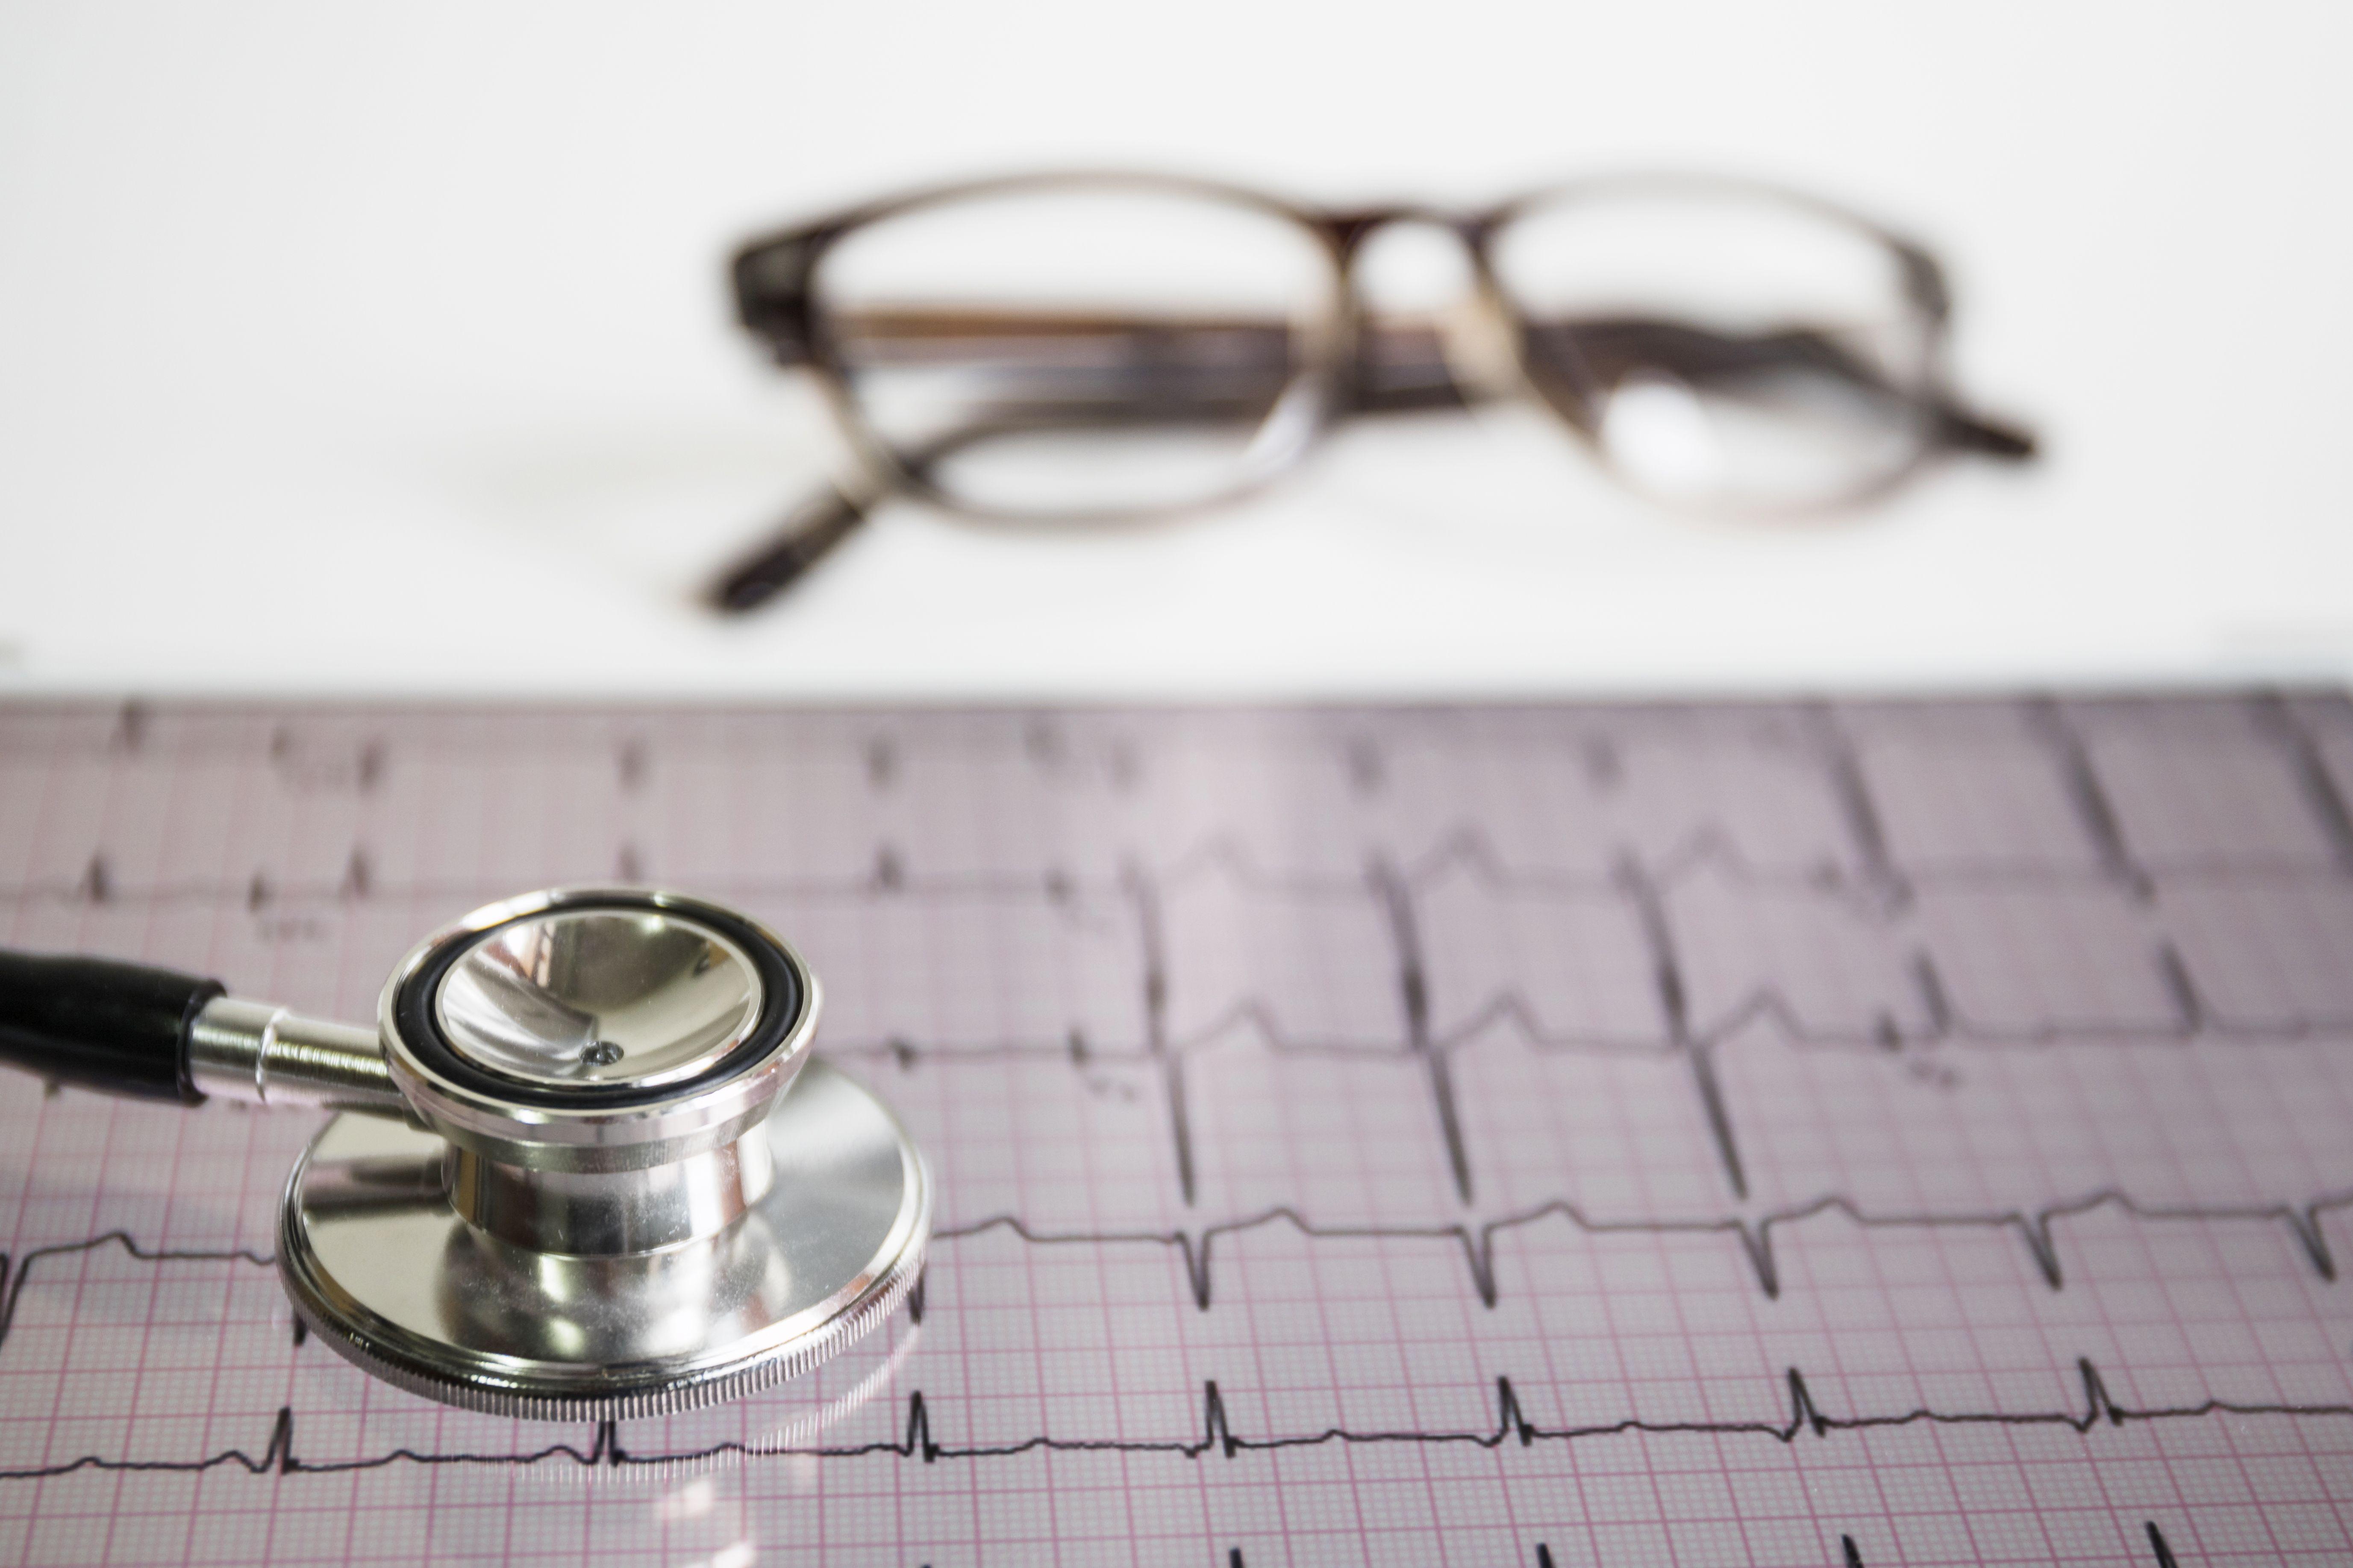 Revide, Hapvida integra sistemas e disponibiliza laudos de eletrocardiograma em até 15 minutos, Hapvida, São Francisco, Ribeirão Preto